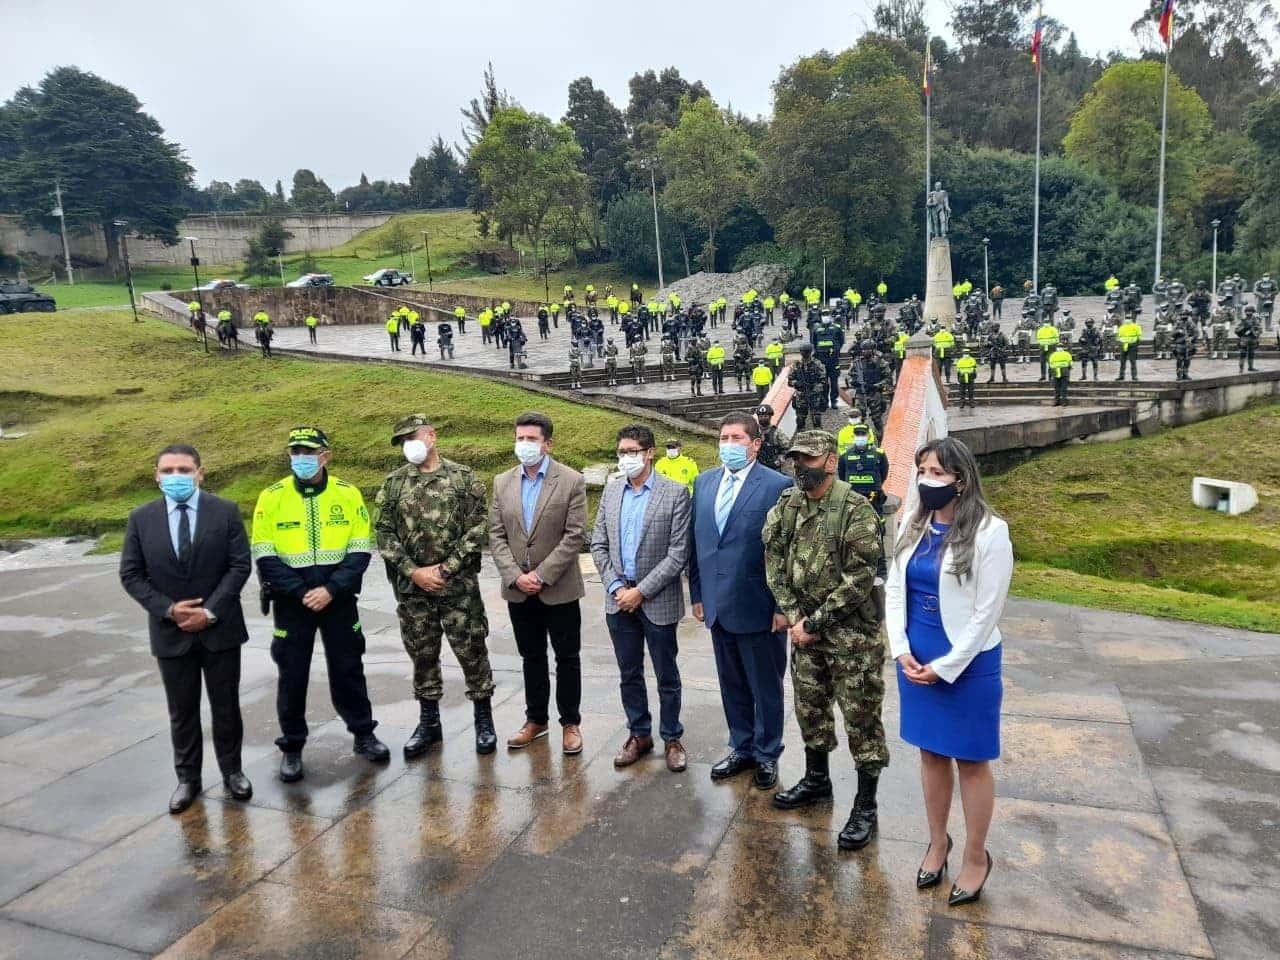 El ministro de Defensa, Diego Molano Aponte, indicó que se mantendrá un dispositivo de protección para el Puente de Boyacá y el Pantano de Vargas. Foto: Yanneth Fracica